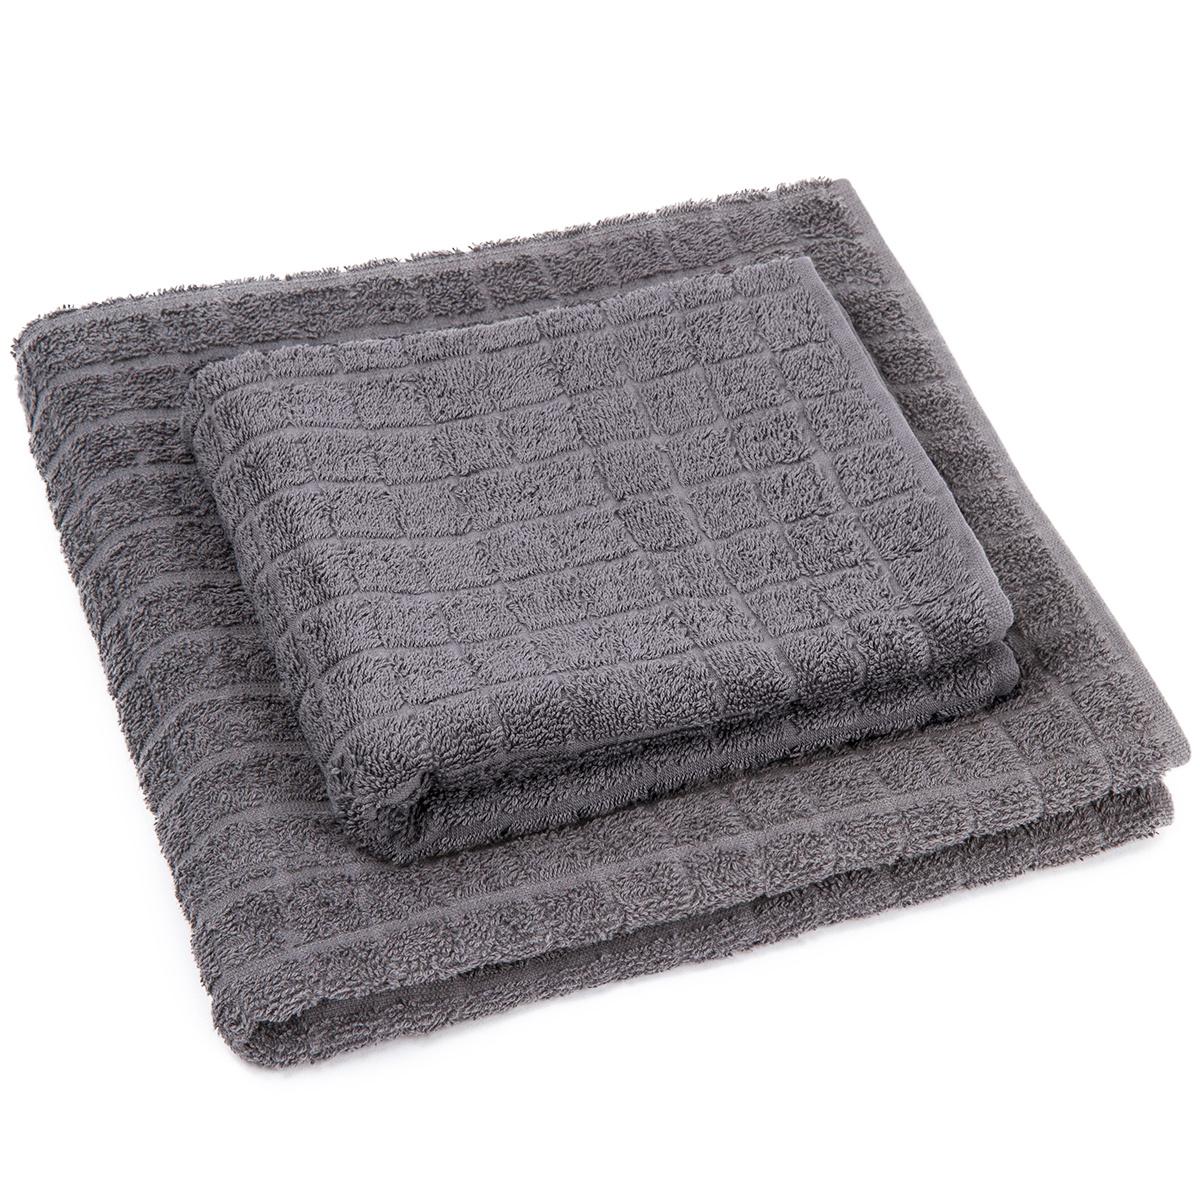 Profod Sada ručníku a osušky Jerry šedá, 50 x 100 cm, 70 x 140 cm